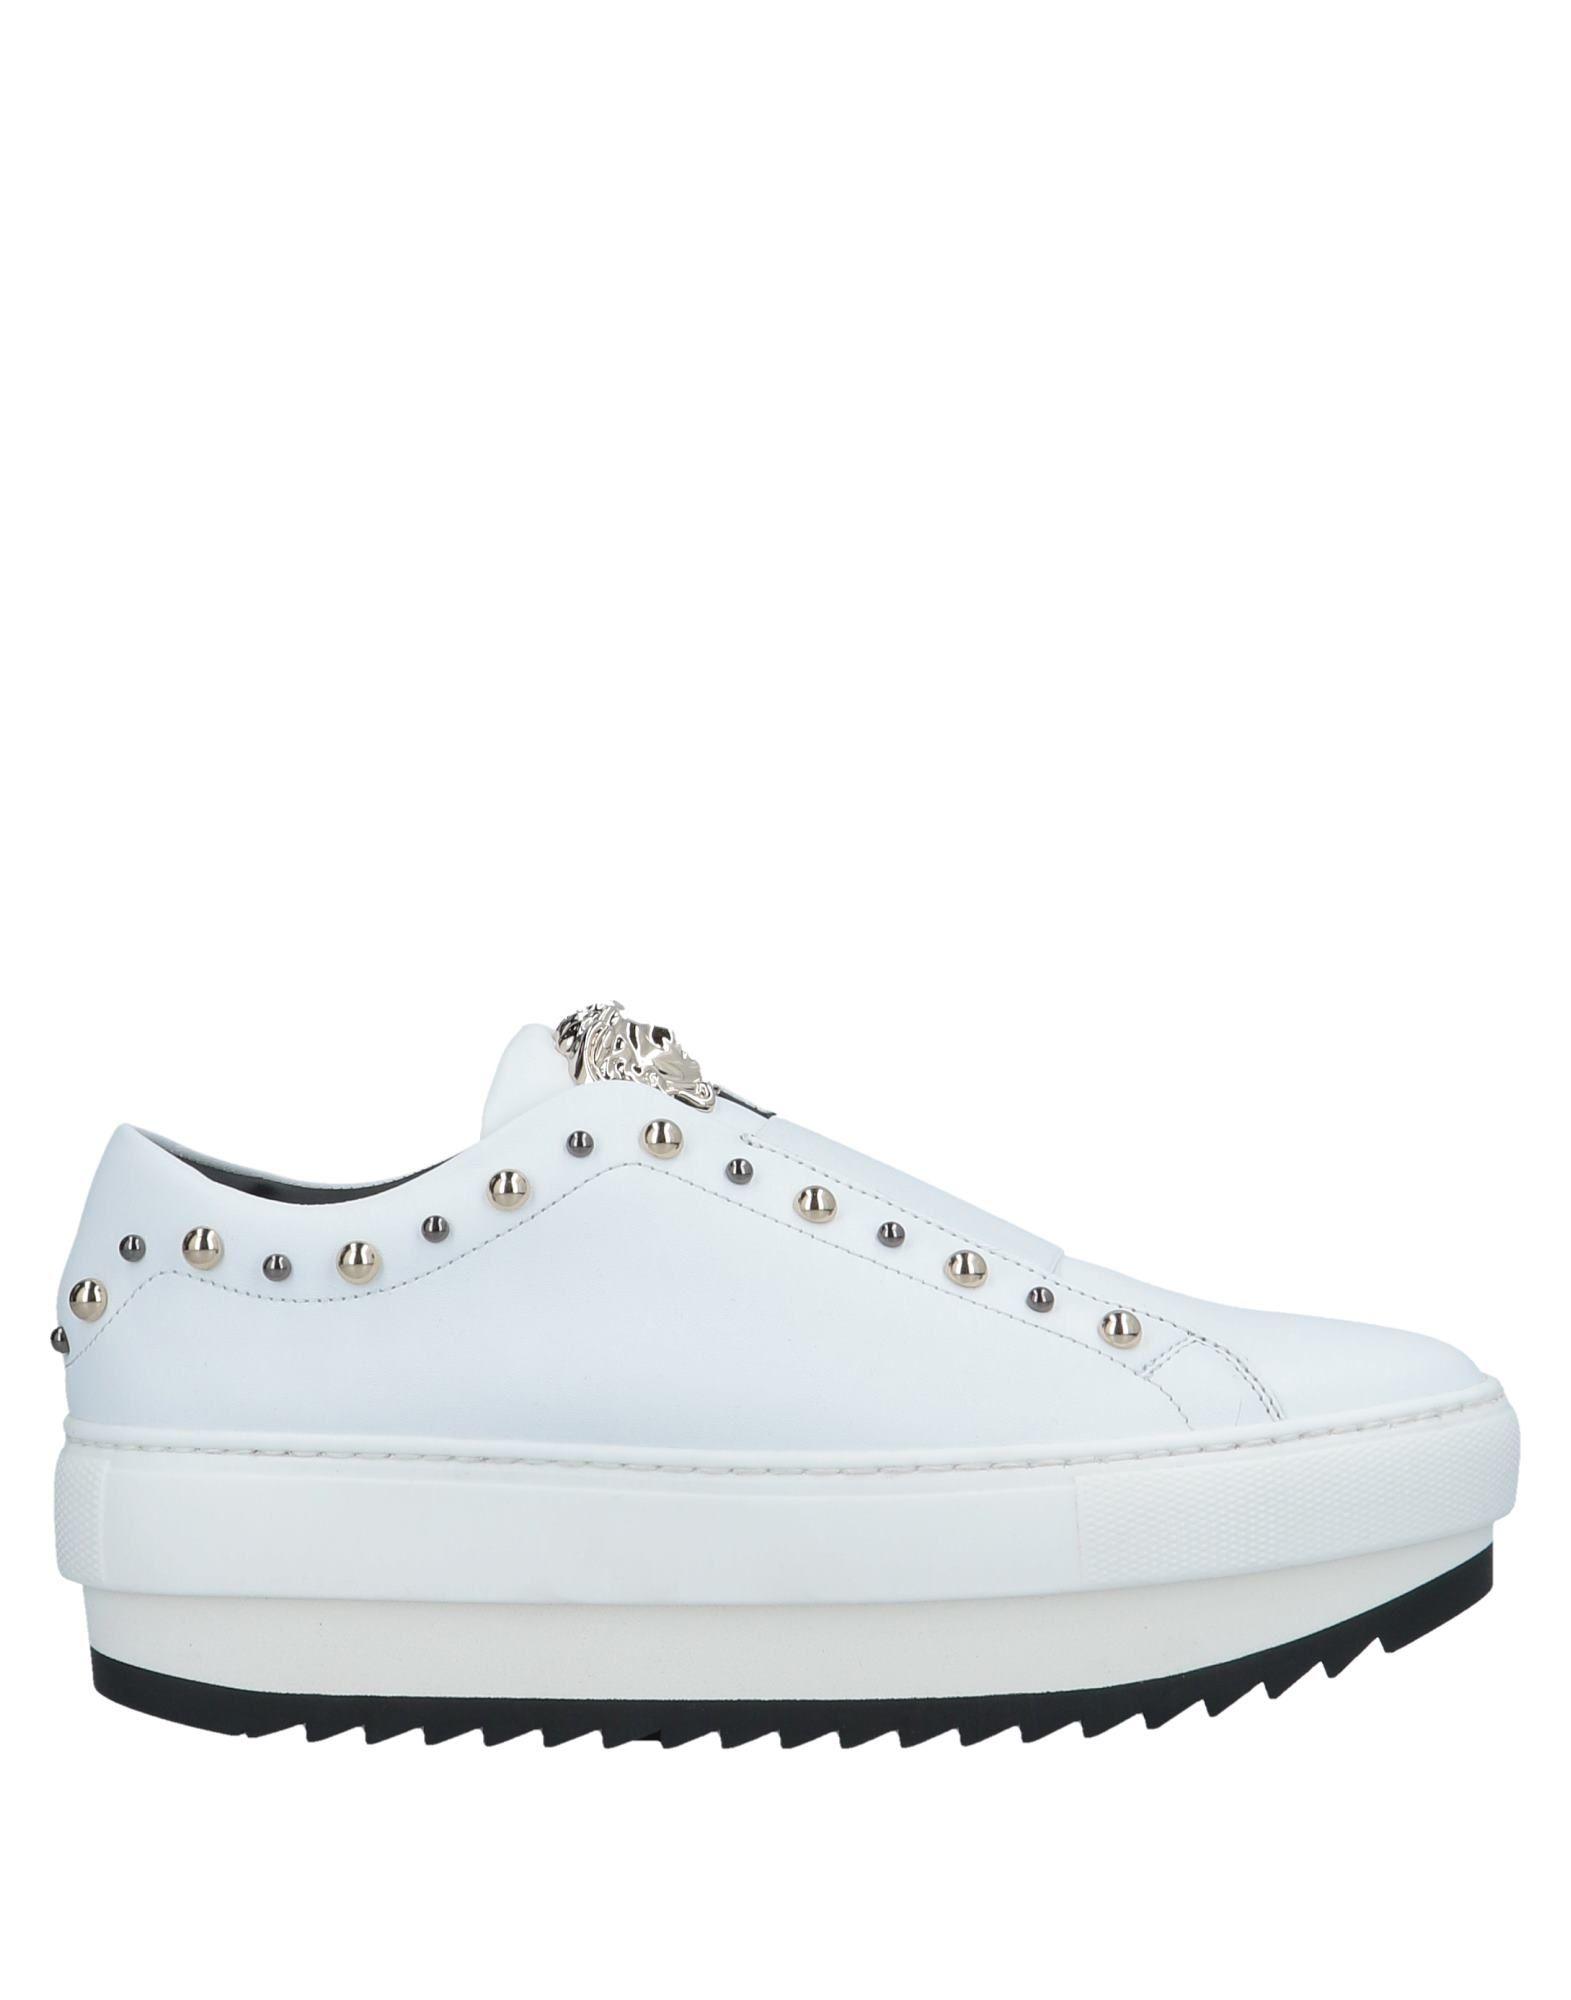 Blanco Zapatillas Versace Mujer - Zapatillas Versace Los últimos últimos últimos zapatos de descuento para  hombres  y mujeres f1dd8e